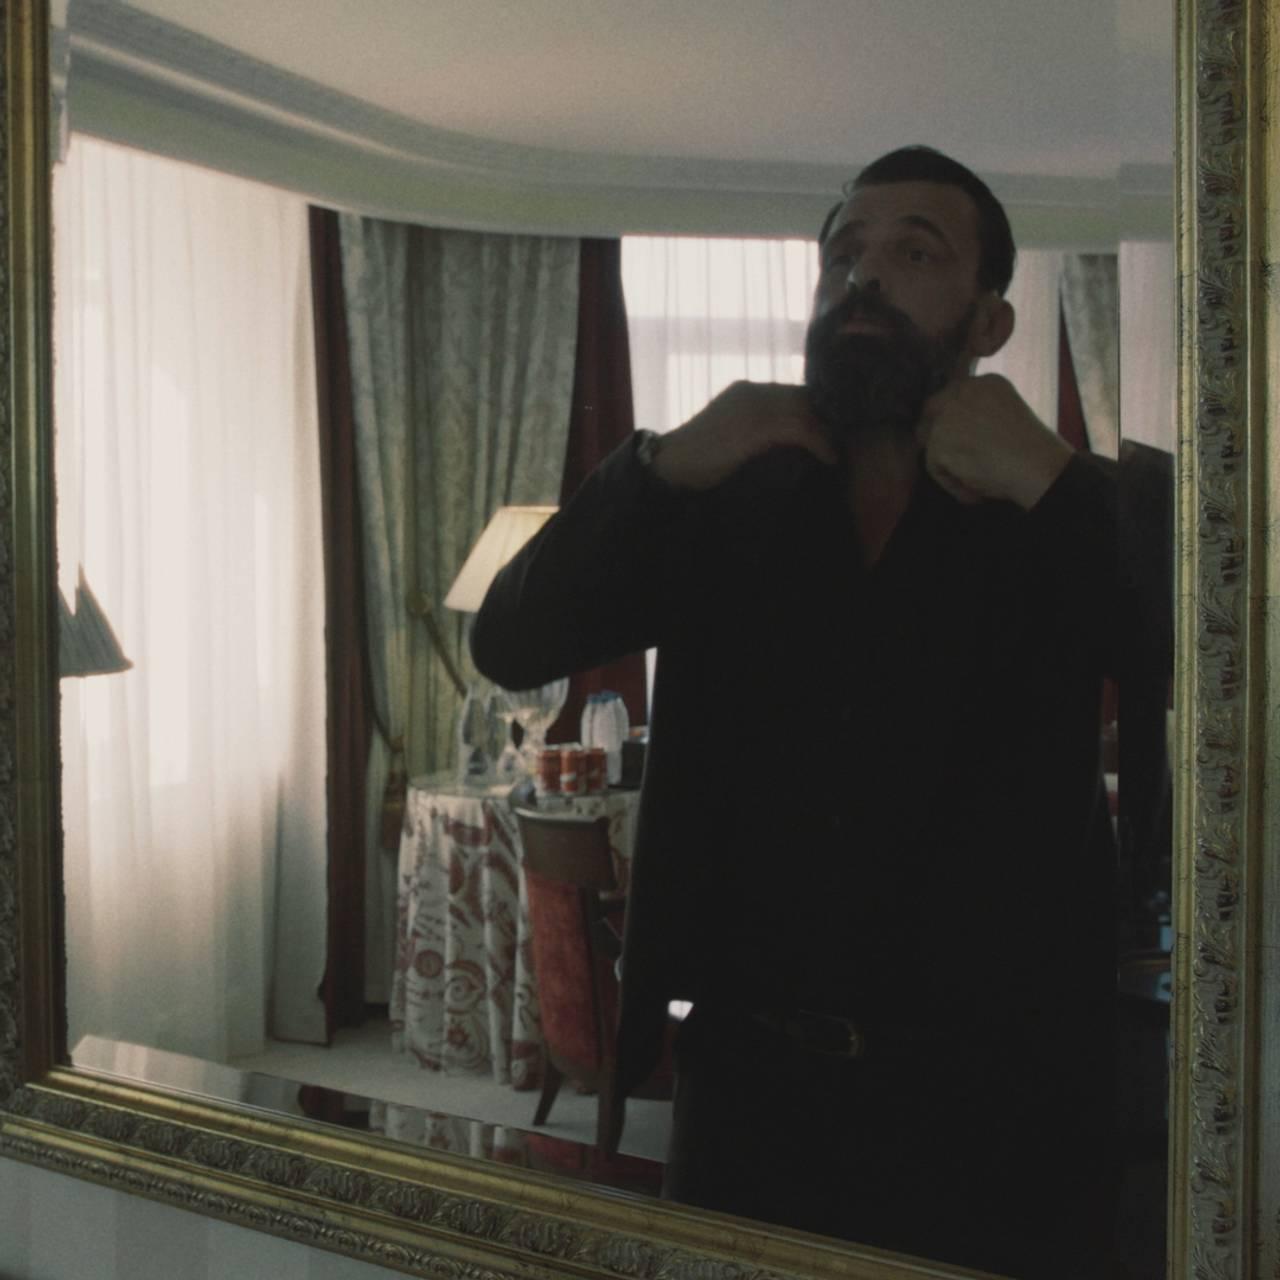 EHAM k2 mr. James ser seg i speilet